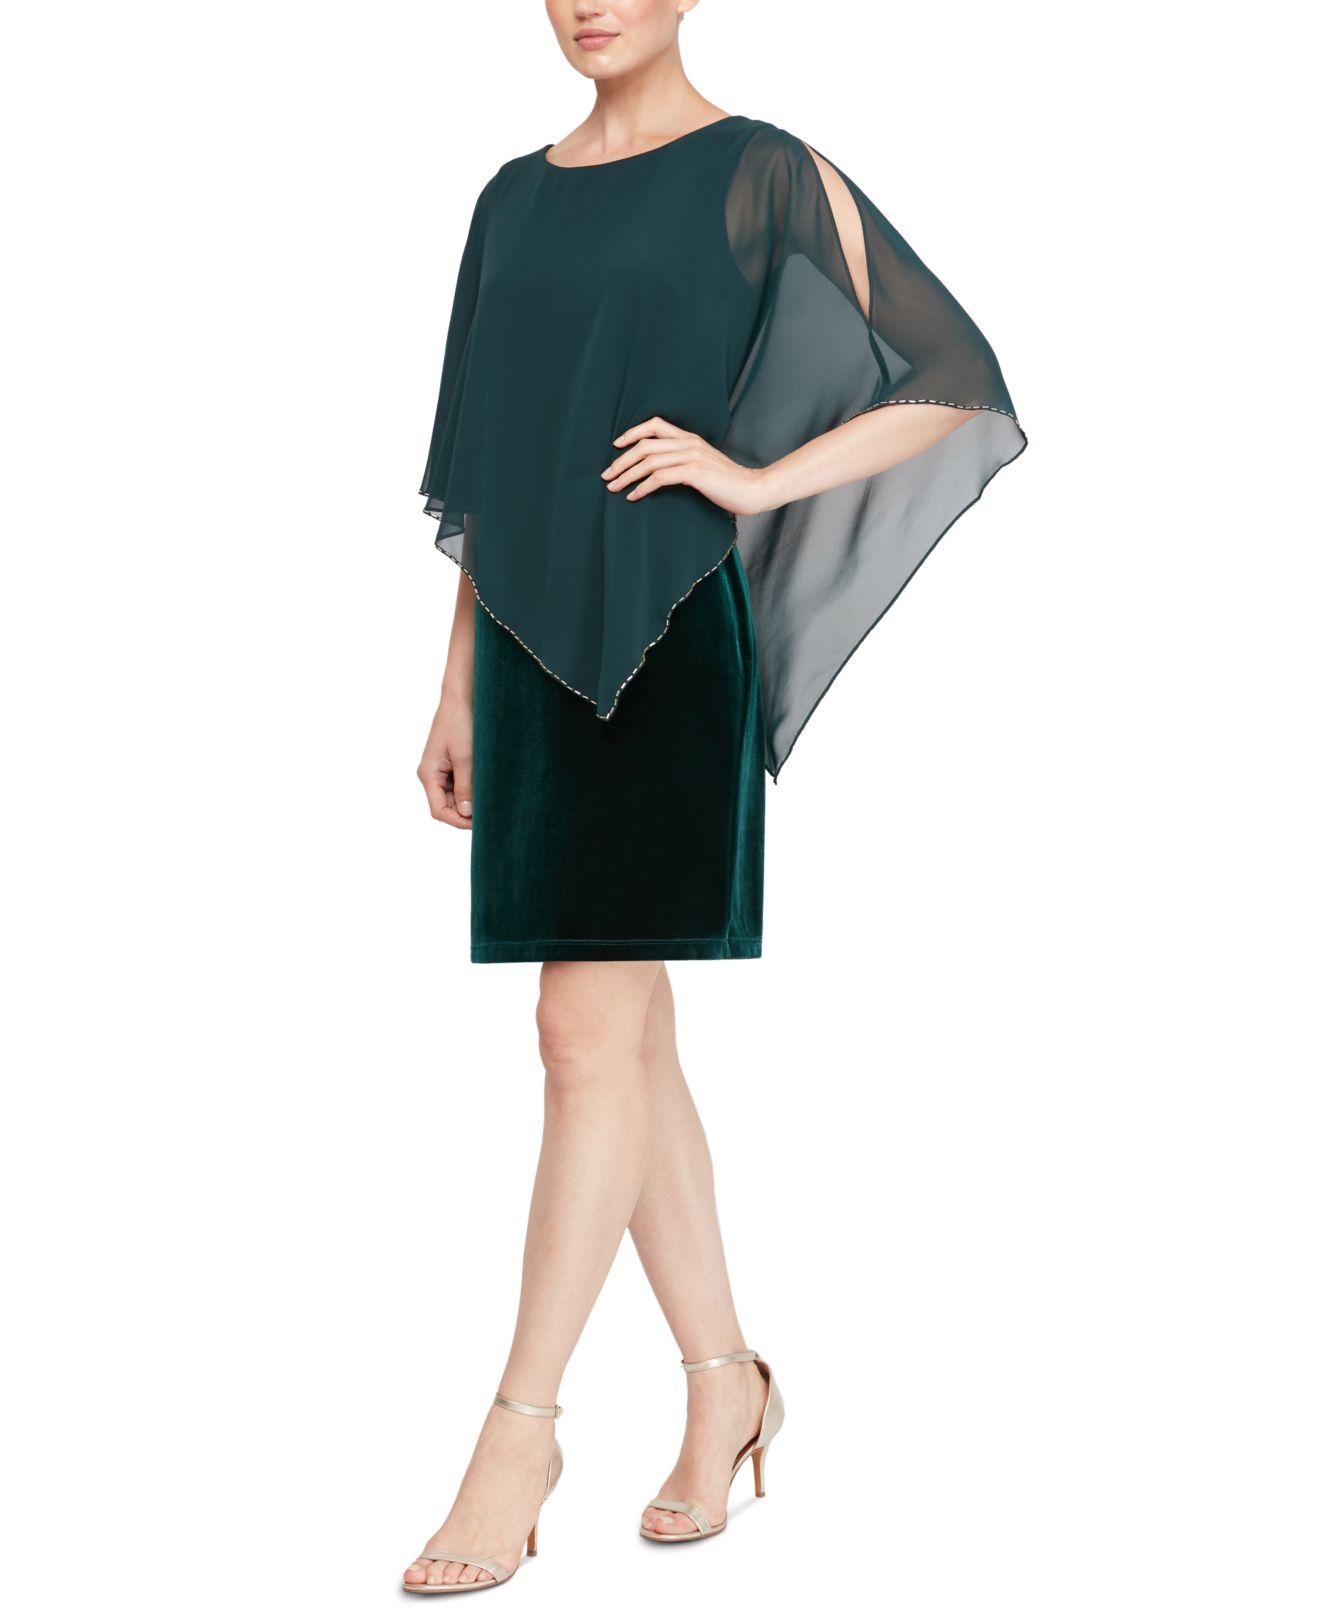 SLNY Women's Dress Green Size 12 Sheath Velvet Beaded Asymmetric Cape